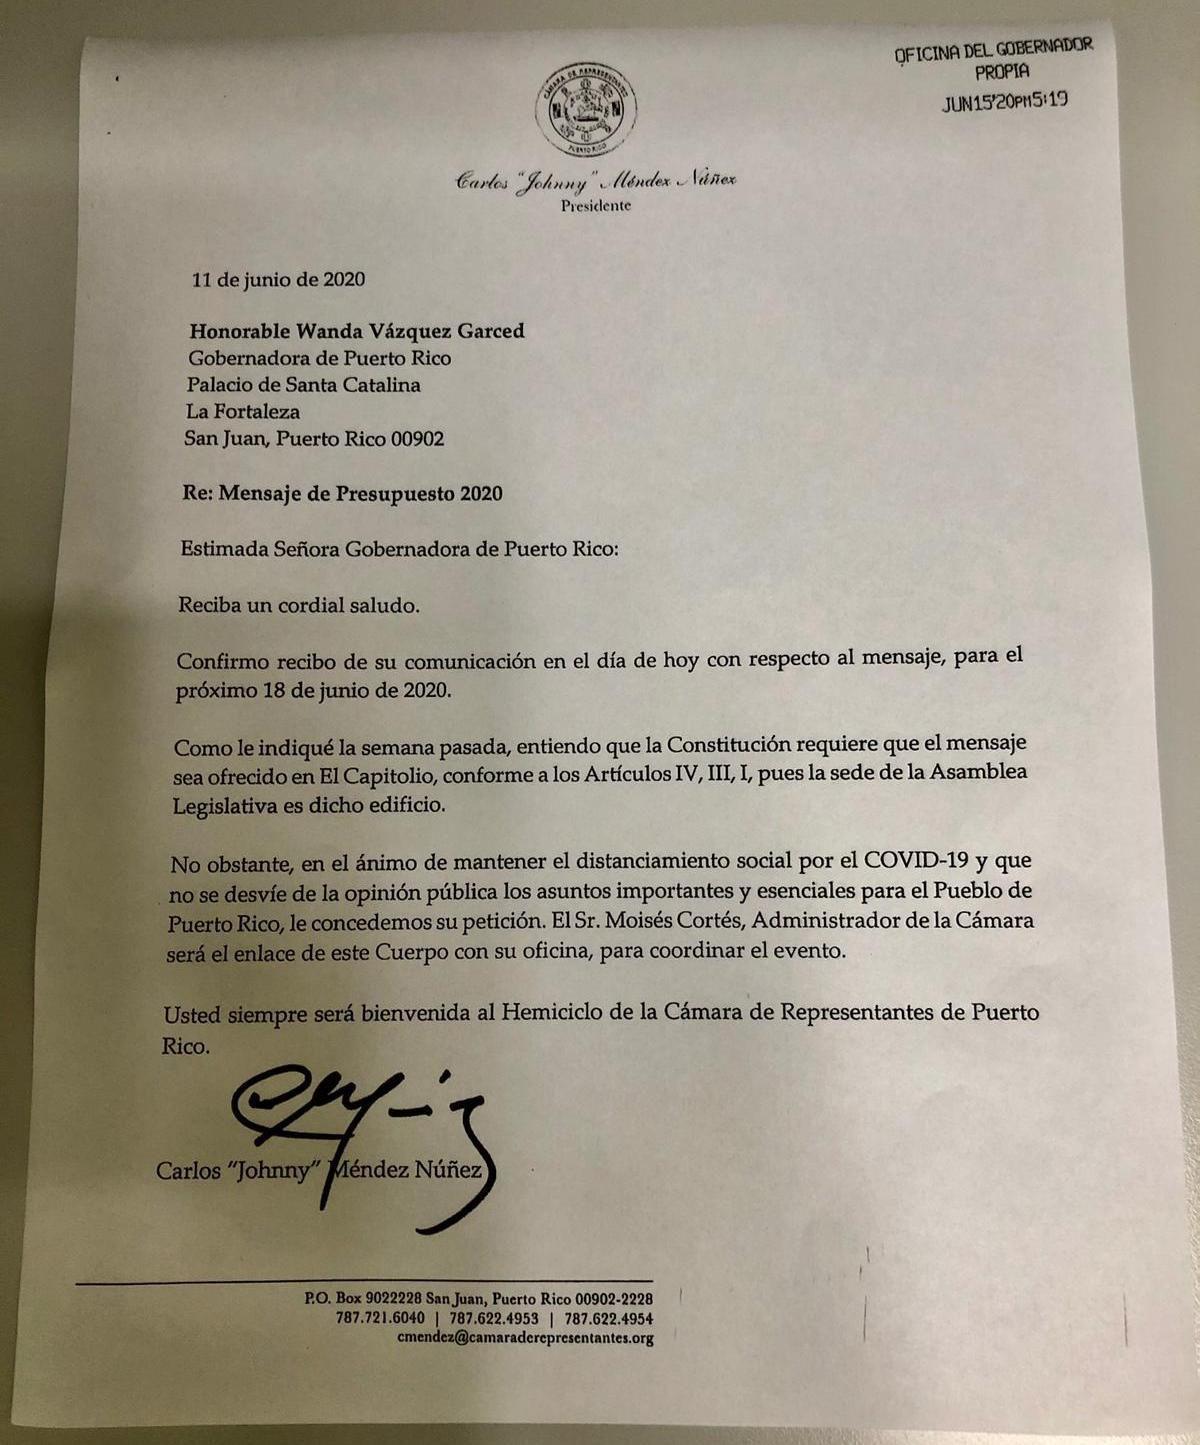 Johnny Mendez da luz verde a la gobernadora para dar su mensaje fuera del Capitolio - junio 18 2020